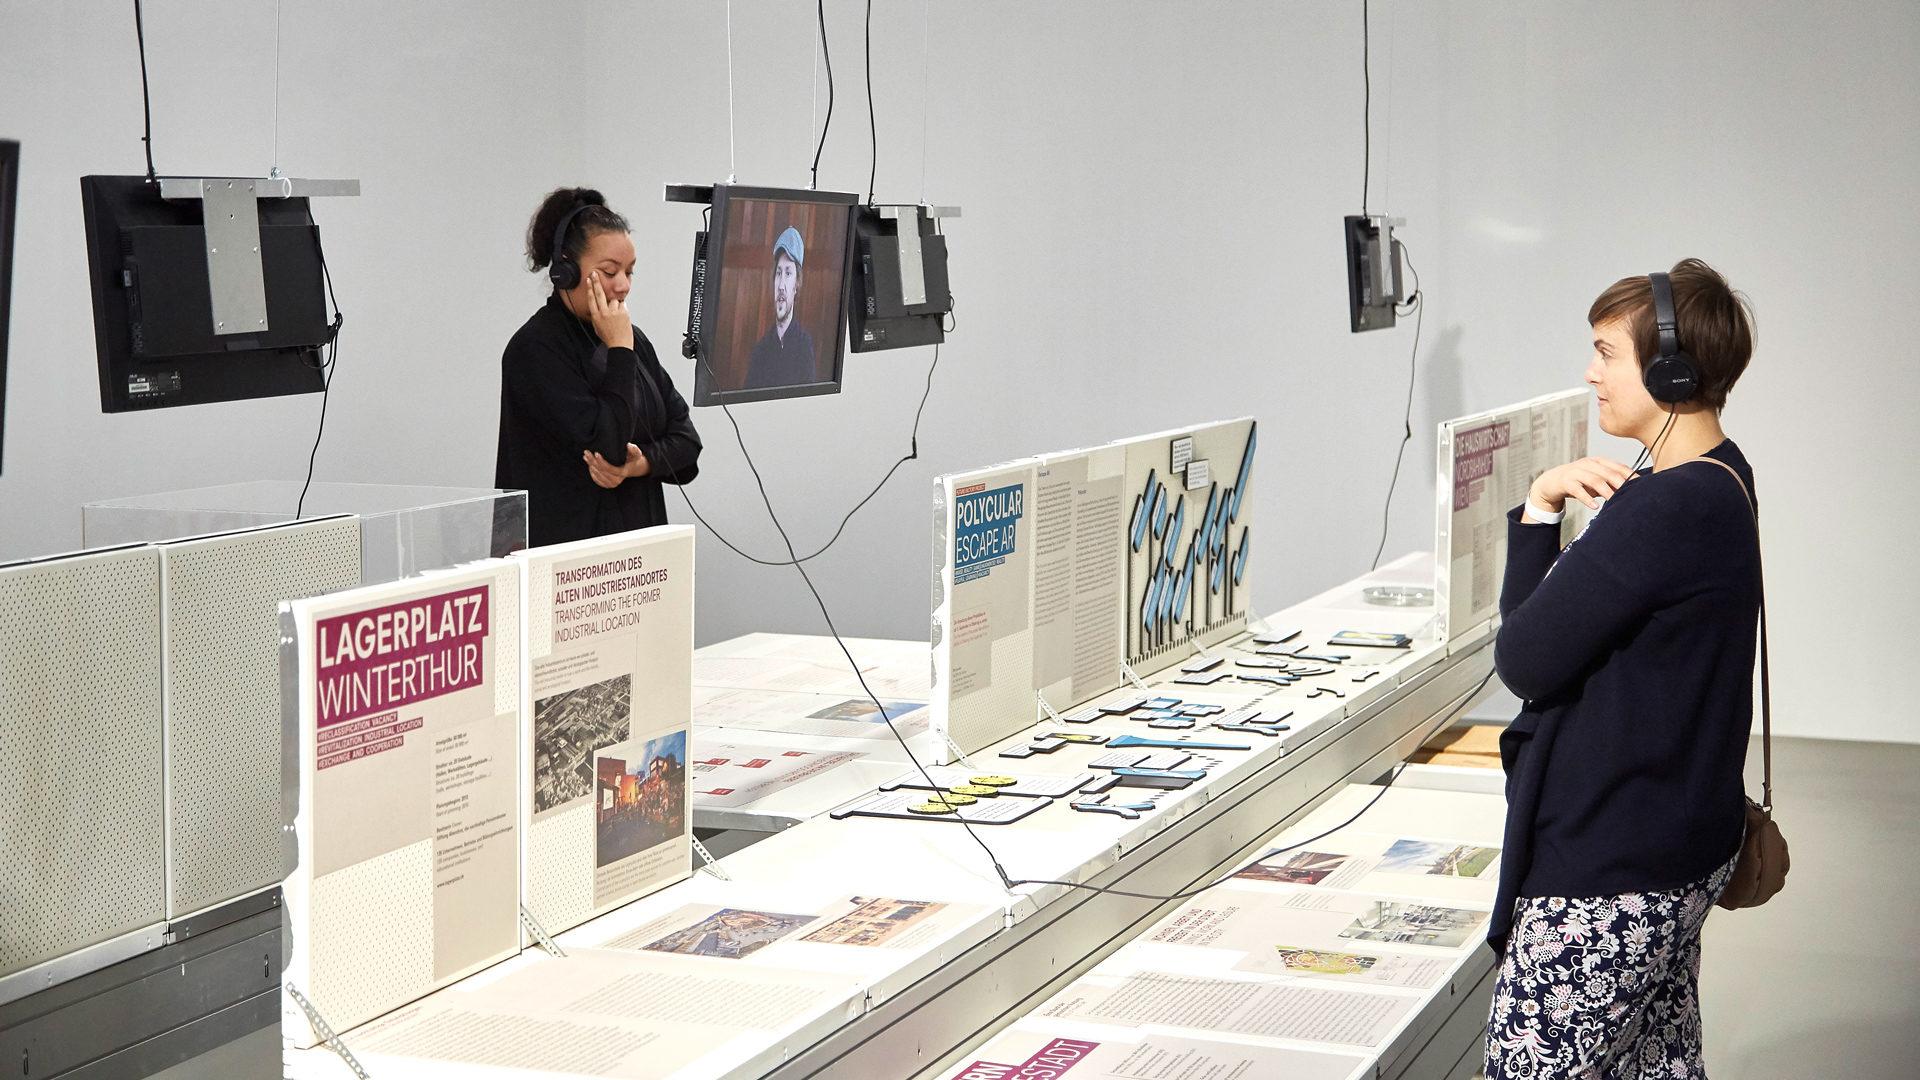 Ansicht aus der Ausstellung Future Factory mit Ausstellungsarchitektur, Fernsehern und 2 Frauen, die sich über Kopfhörer Interviews ansehen